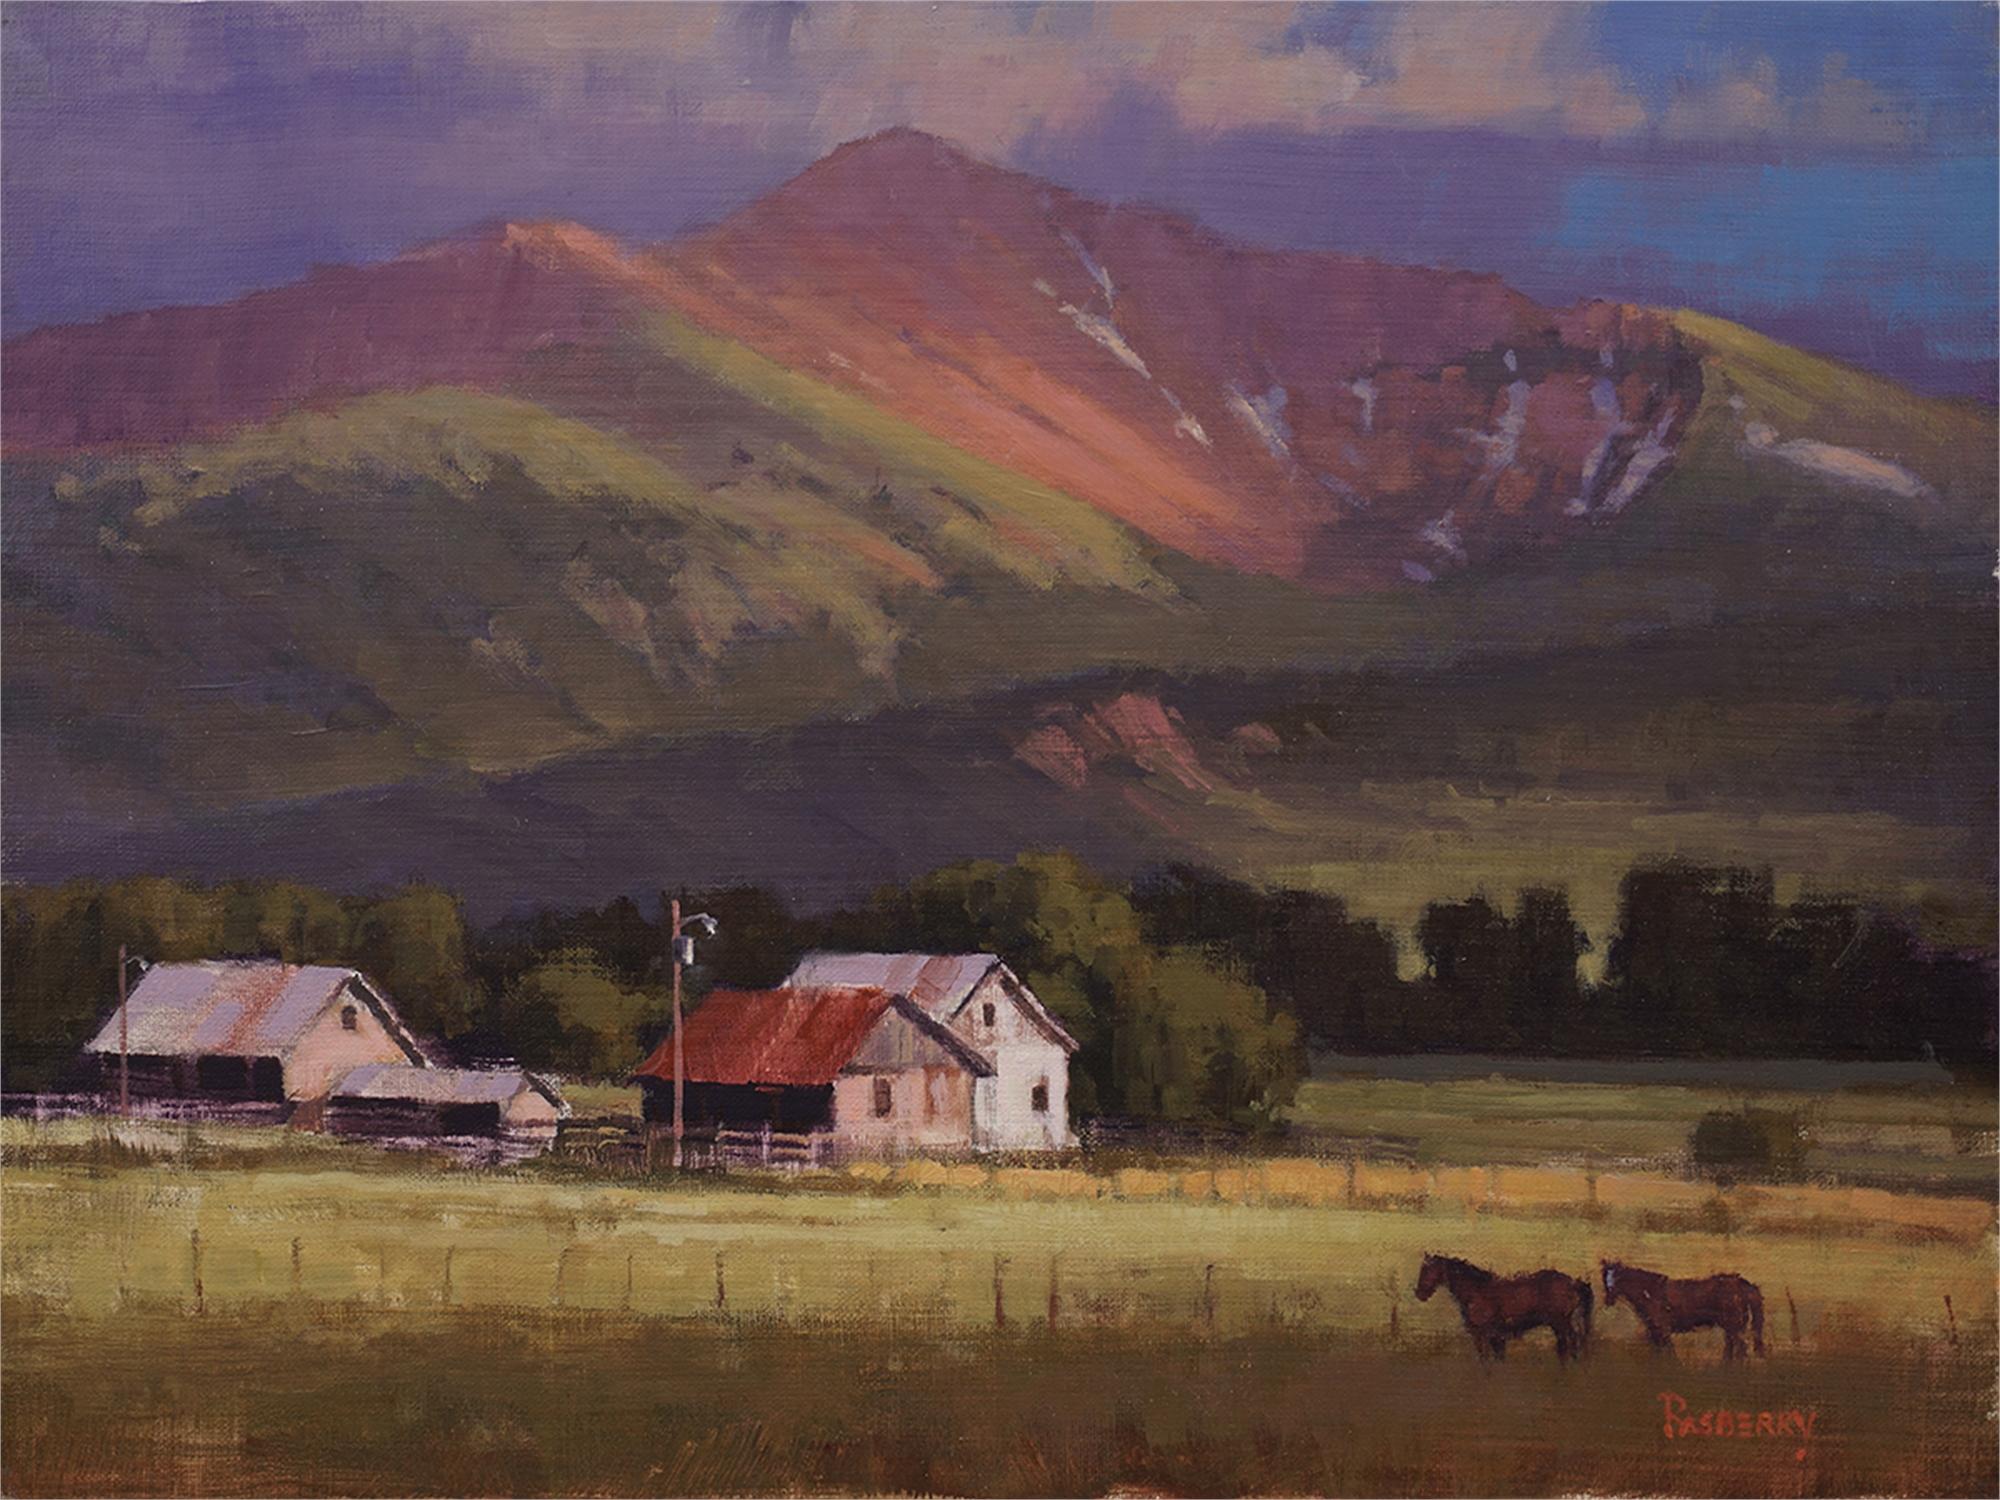 High Mountain Ranch by John Rasberry